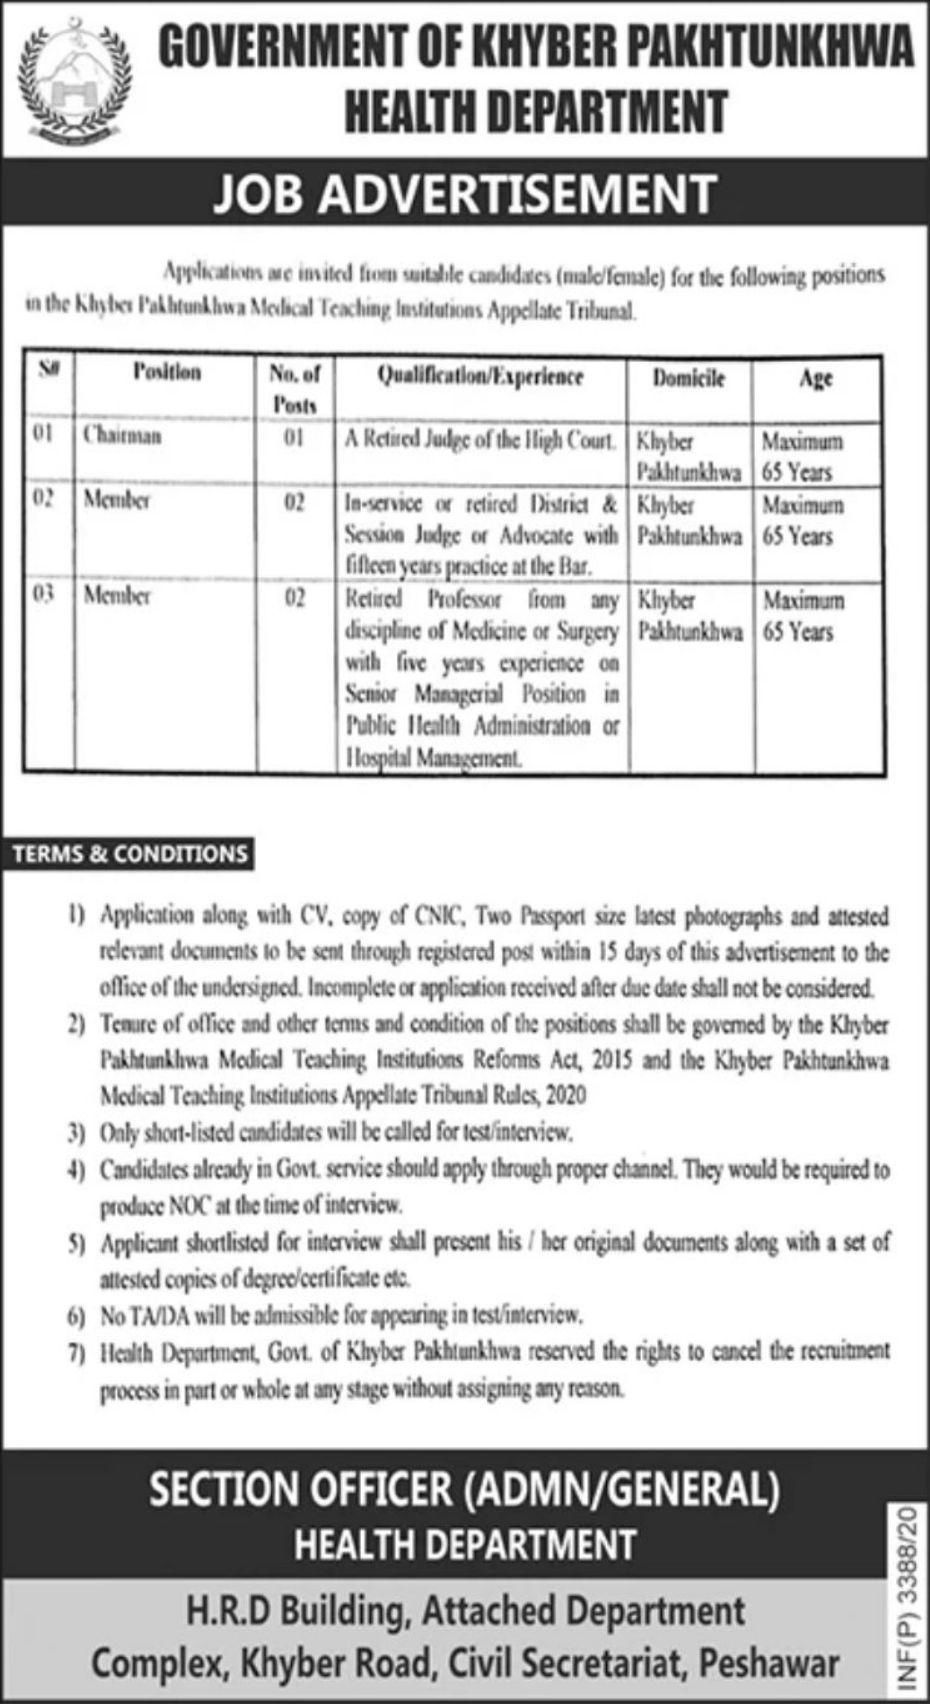 Health Department Government of KPK Vacancies 2020 ...